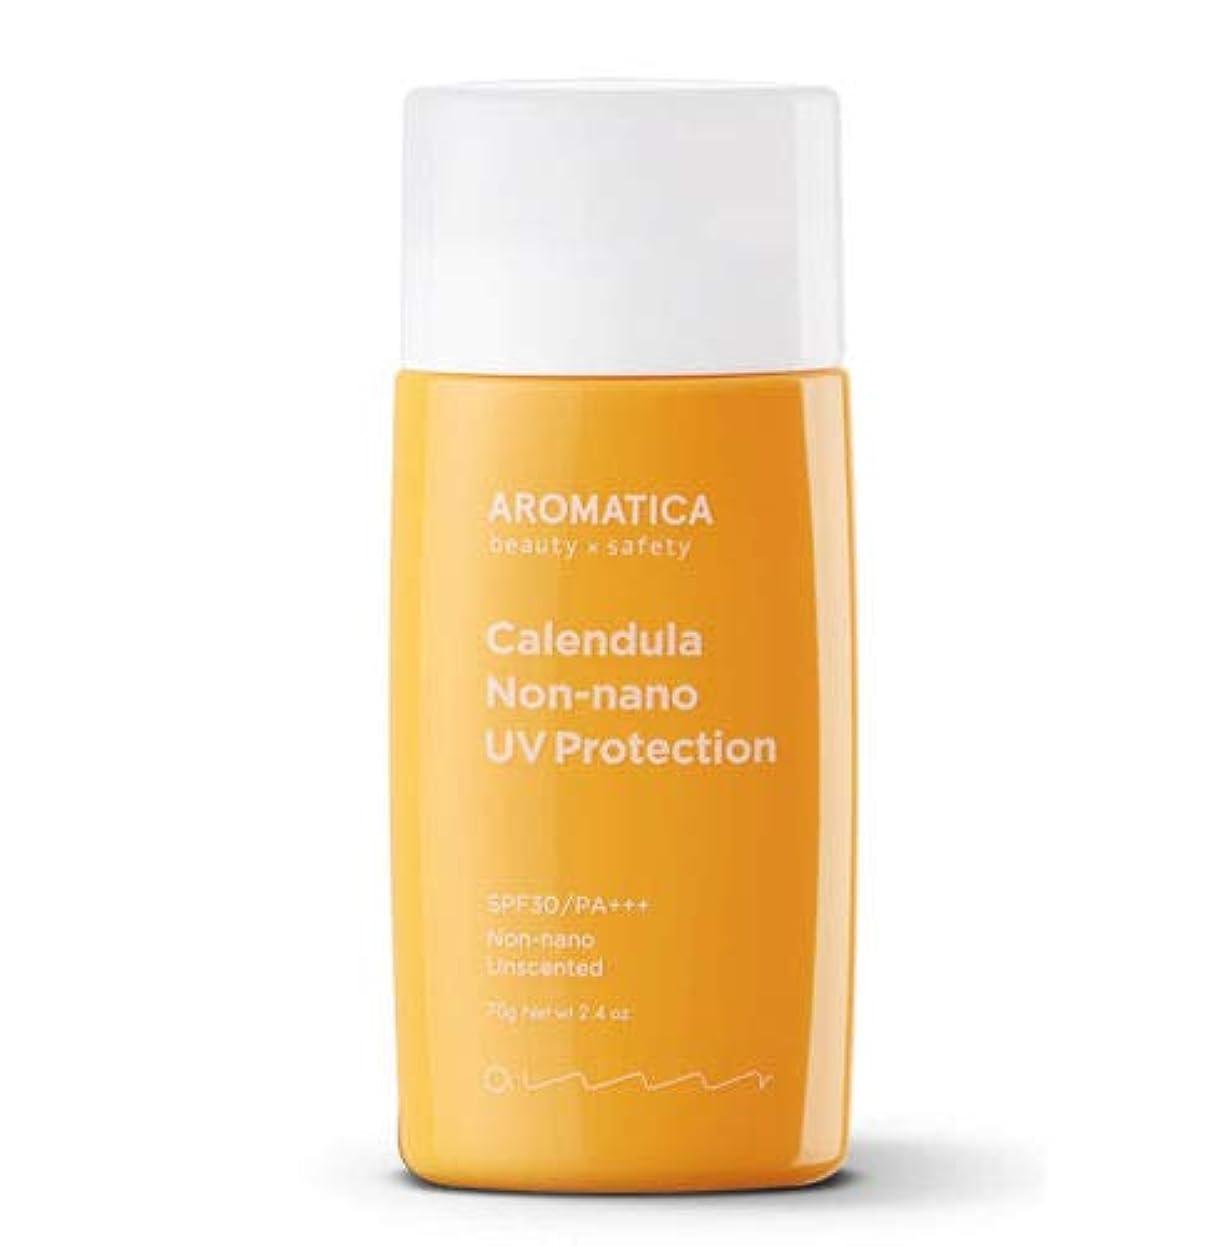 オピエートセンサーキャロラインAROMATICA アロマティカ Calendula NON-NANO UV Protection Unscented サンクリーム 70g SPF30/PA+++ 米国 日焼け止め